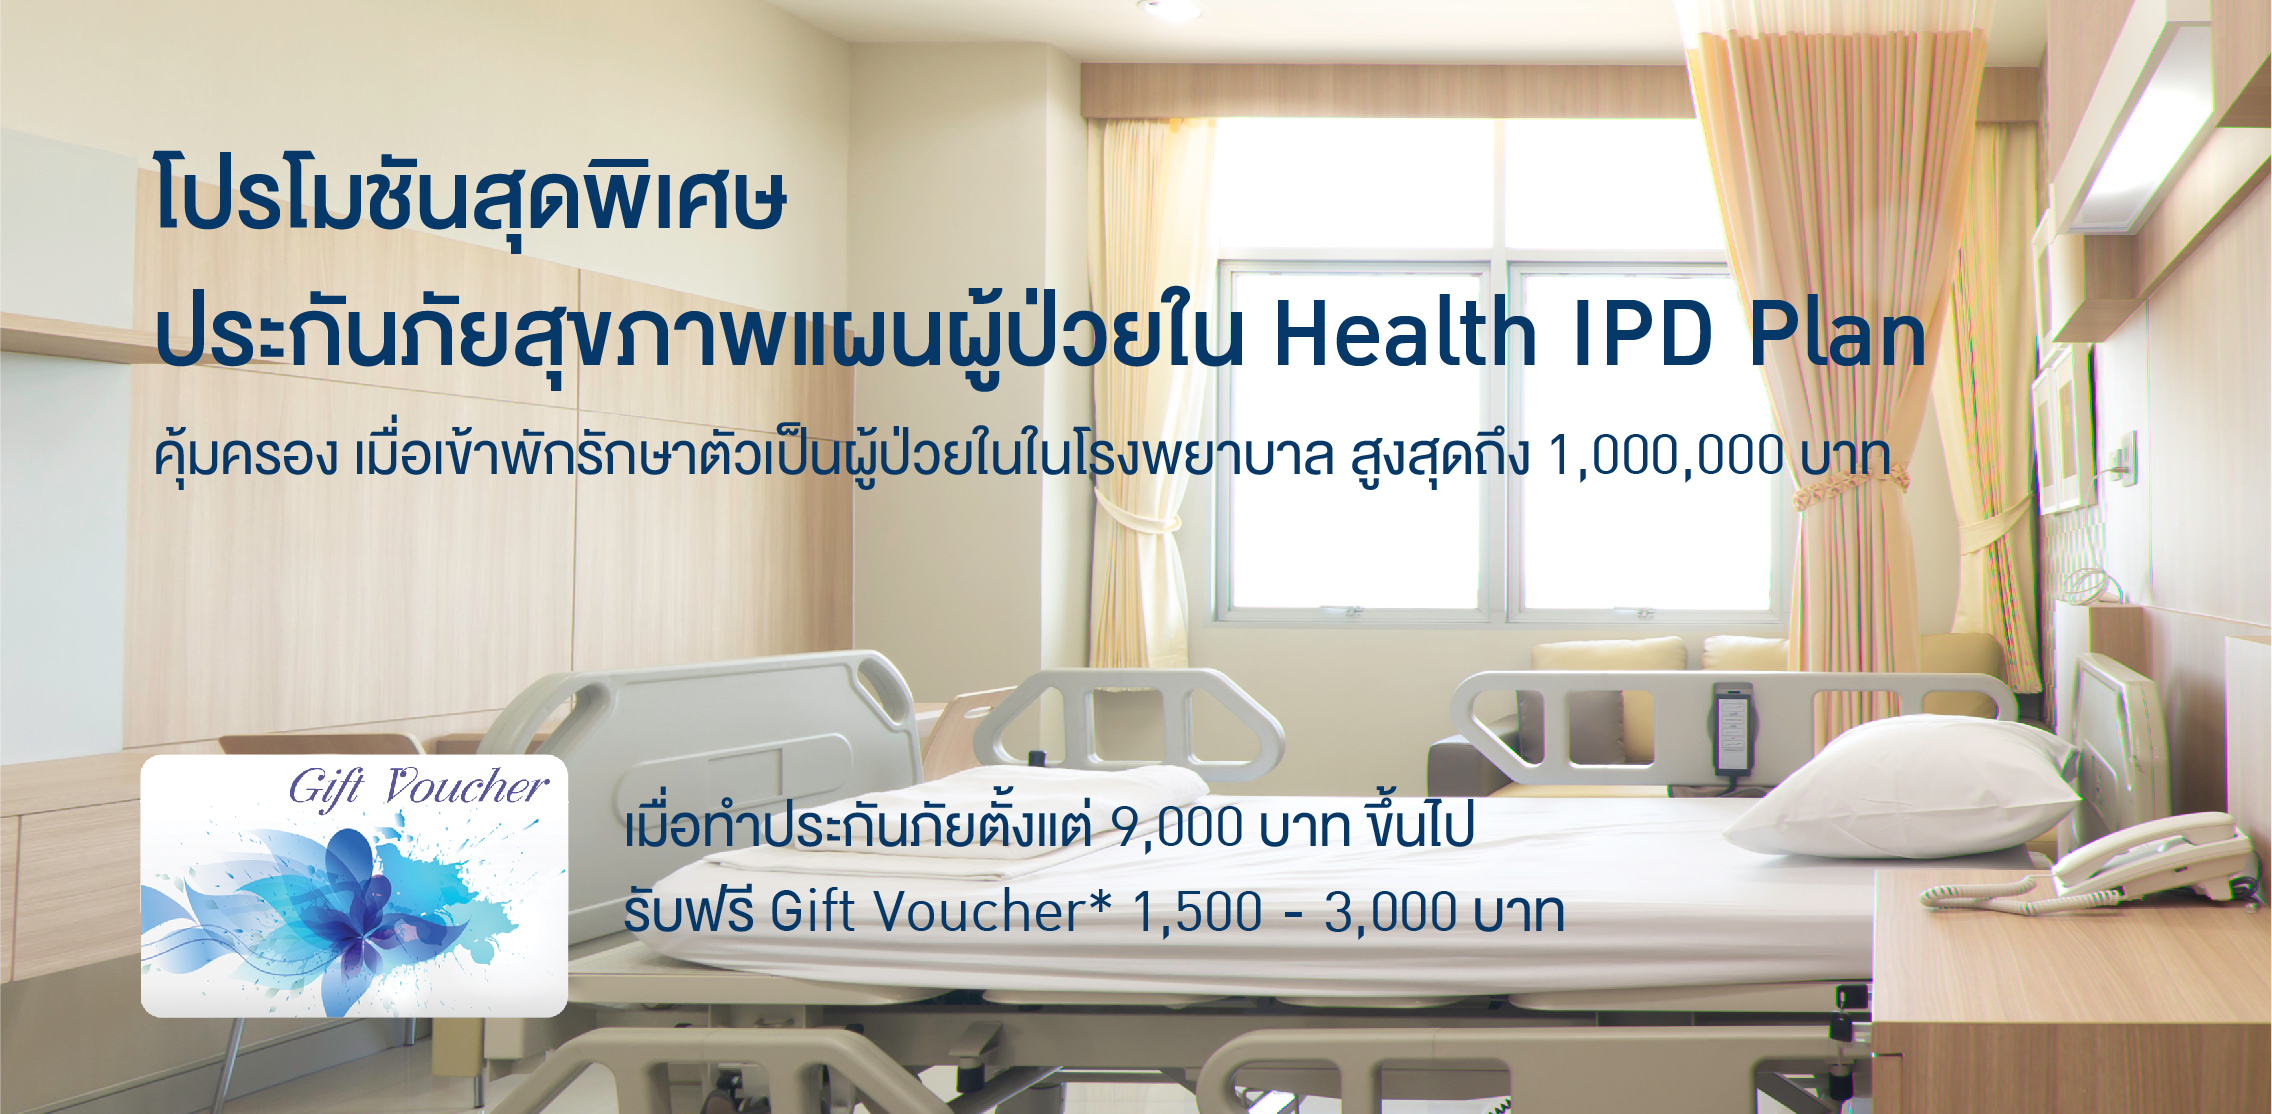 โปรโมชันสุดพิเศษเมื่อทำประกันภัยสุขภาพแผนผู้ป่วยใน Health IPD Plan